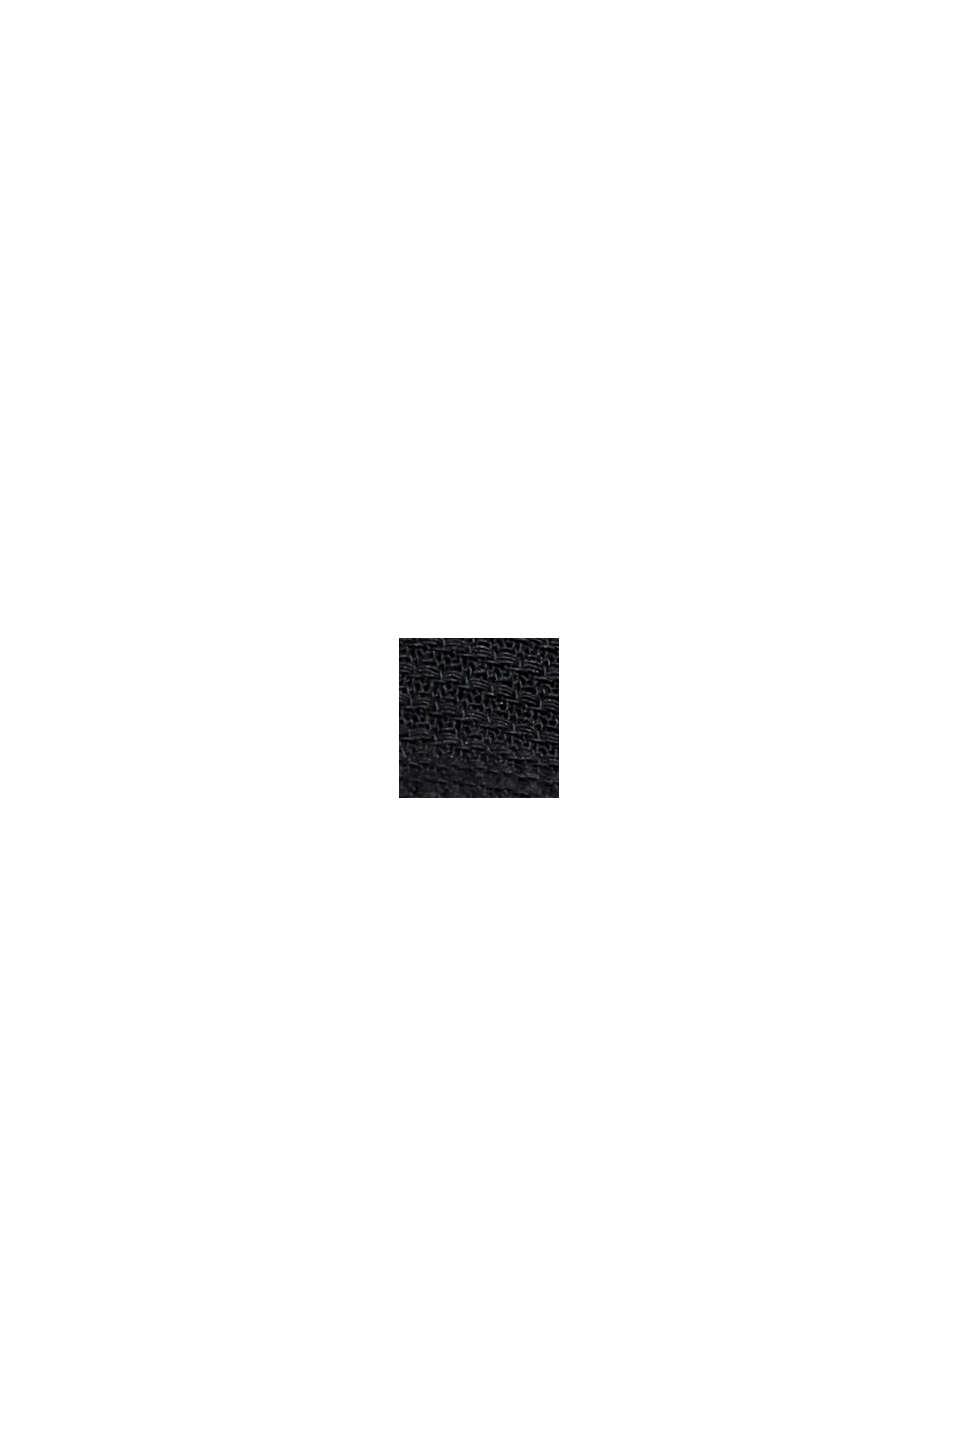 Overhemd met korte mouwen van 100% biologisch katoen, BLACK, swatch